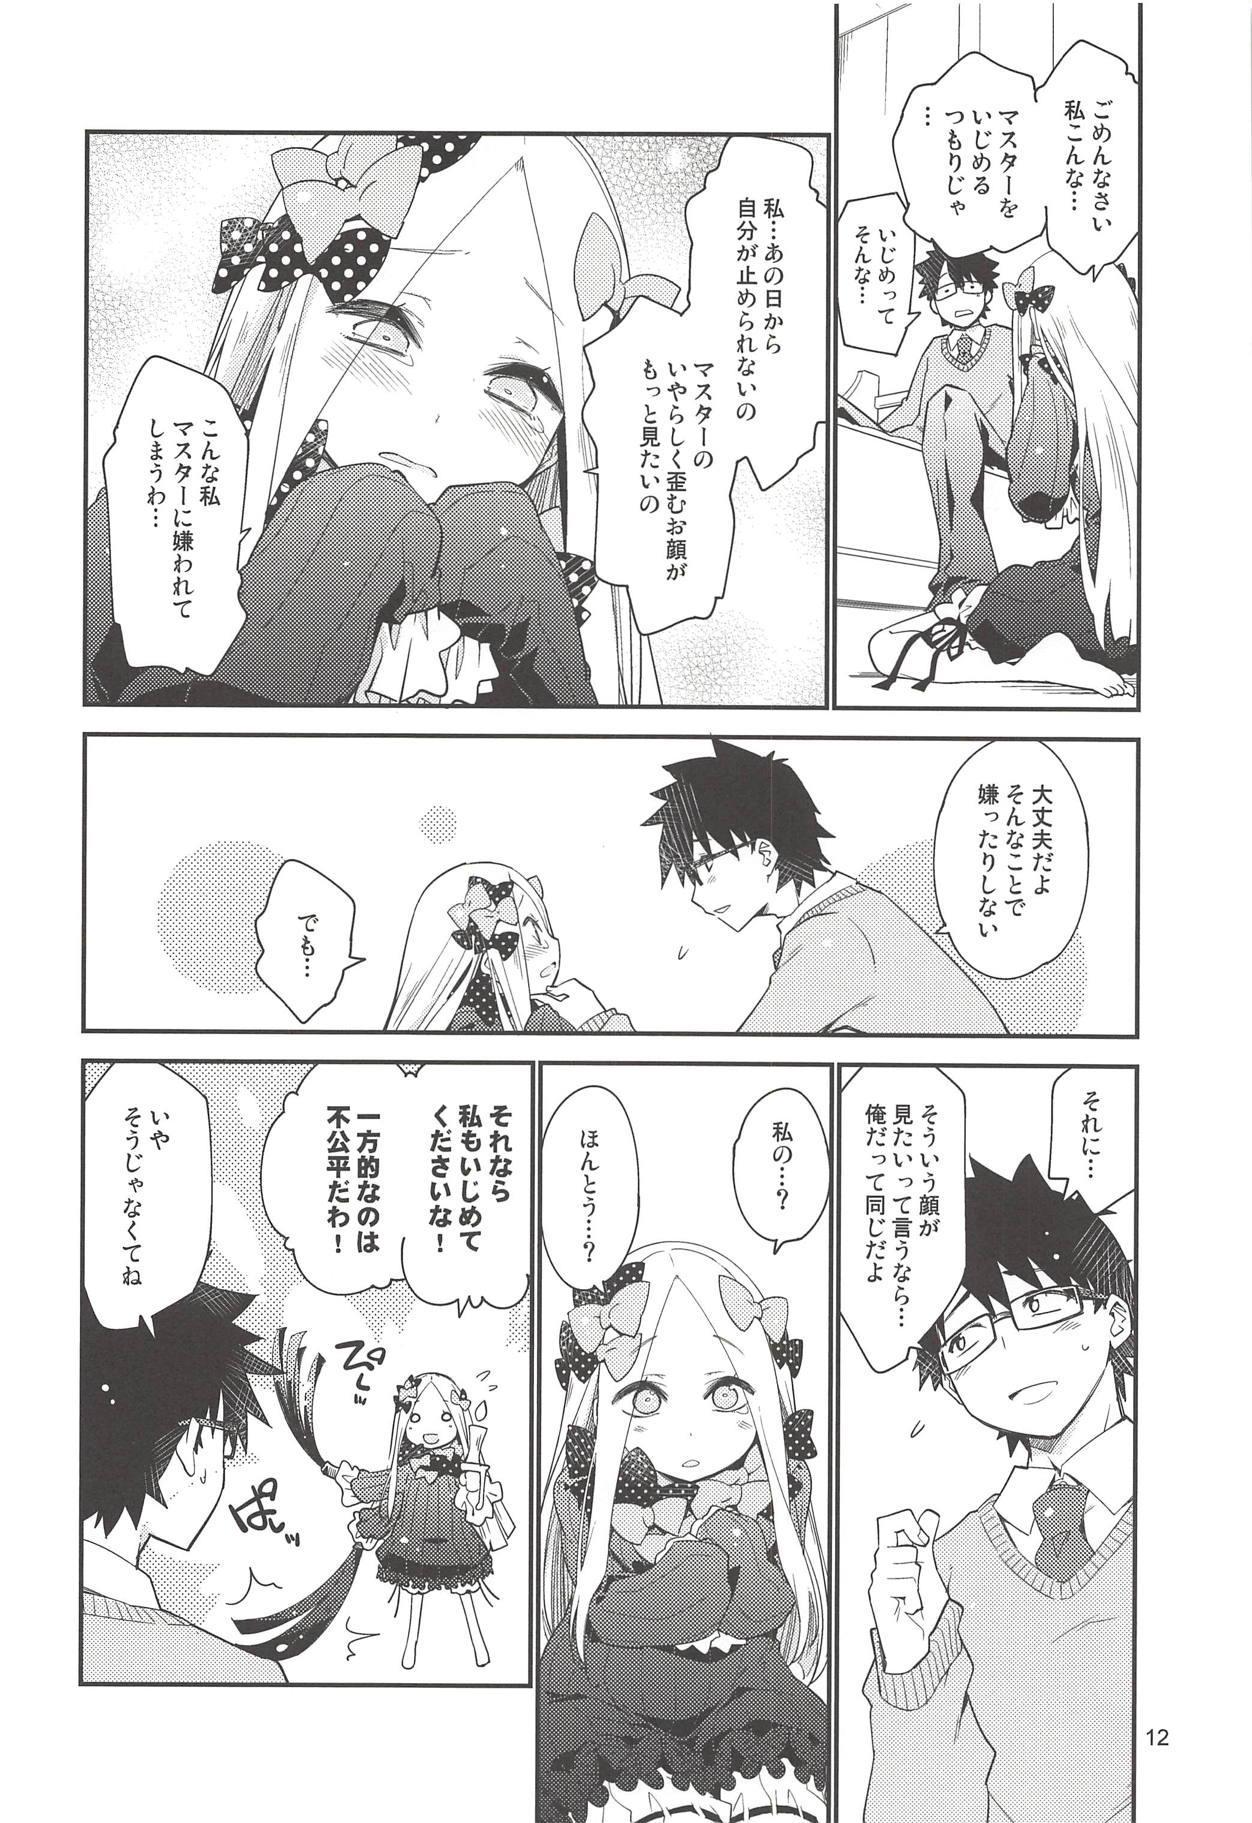 Hoshi no Furu Yo no Sono Ato de... 10